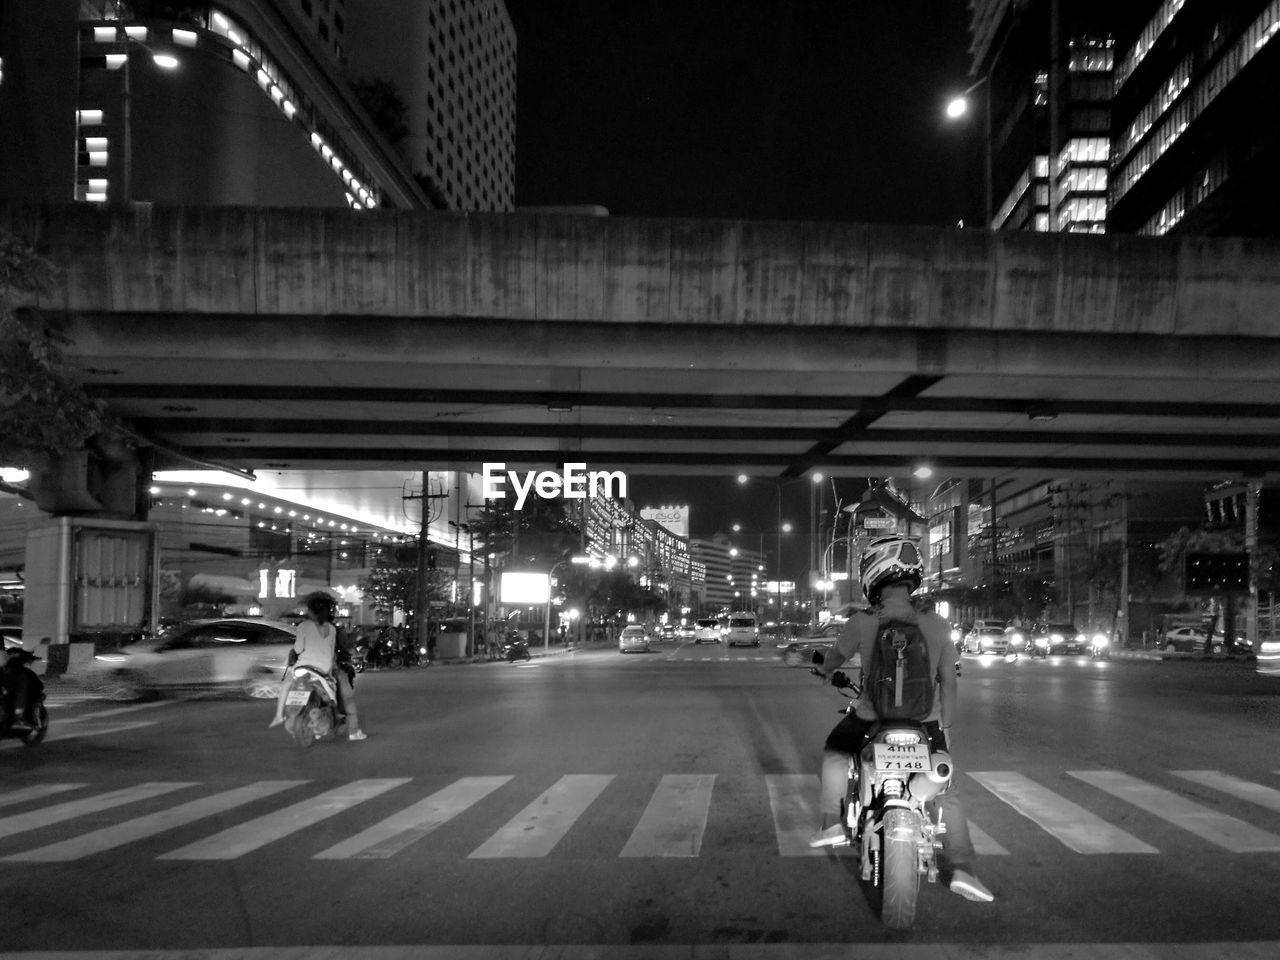 Man On Motorcycle On Street At Night